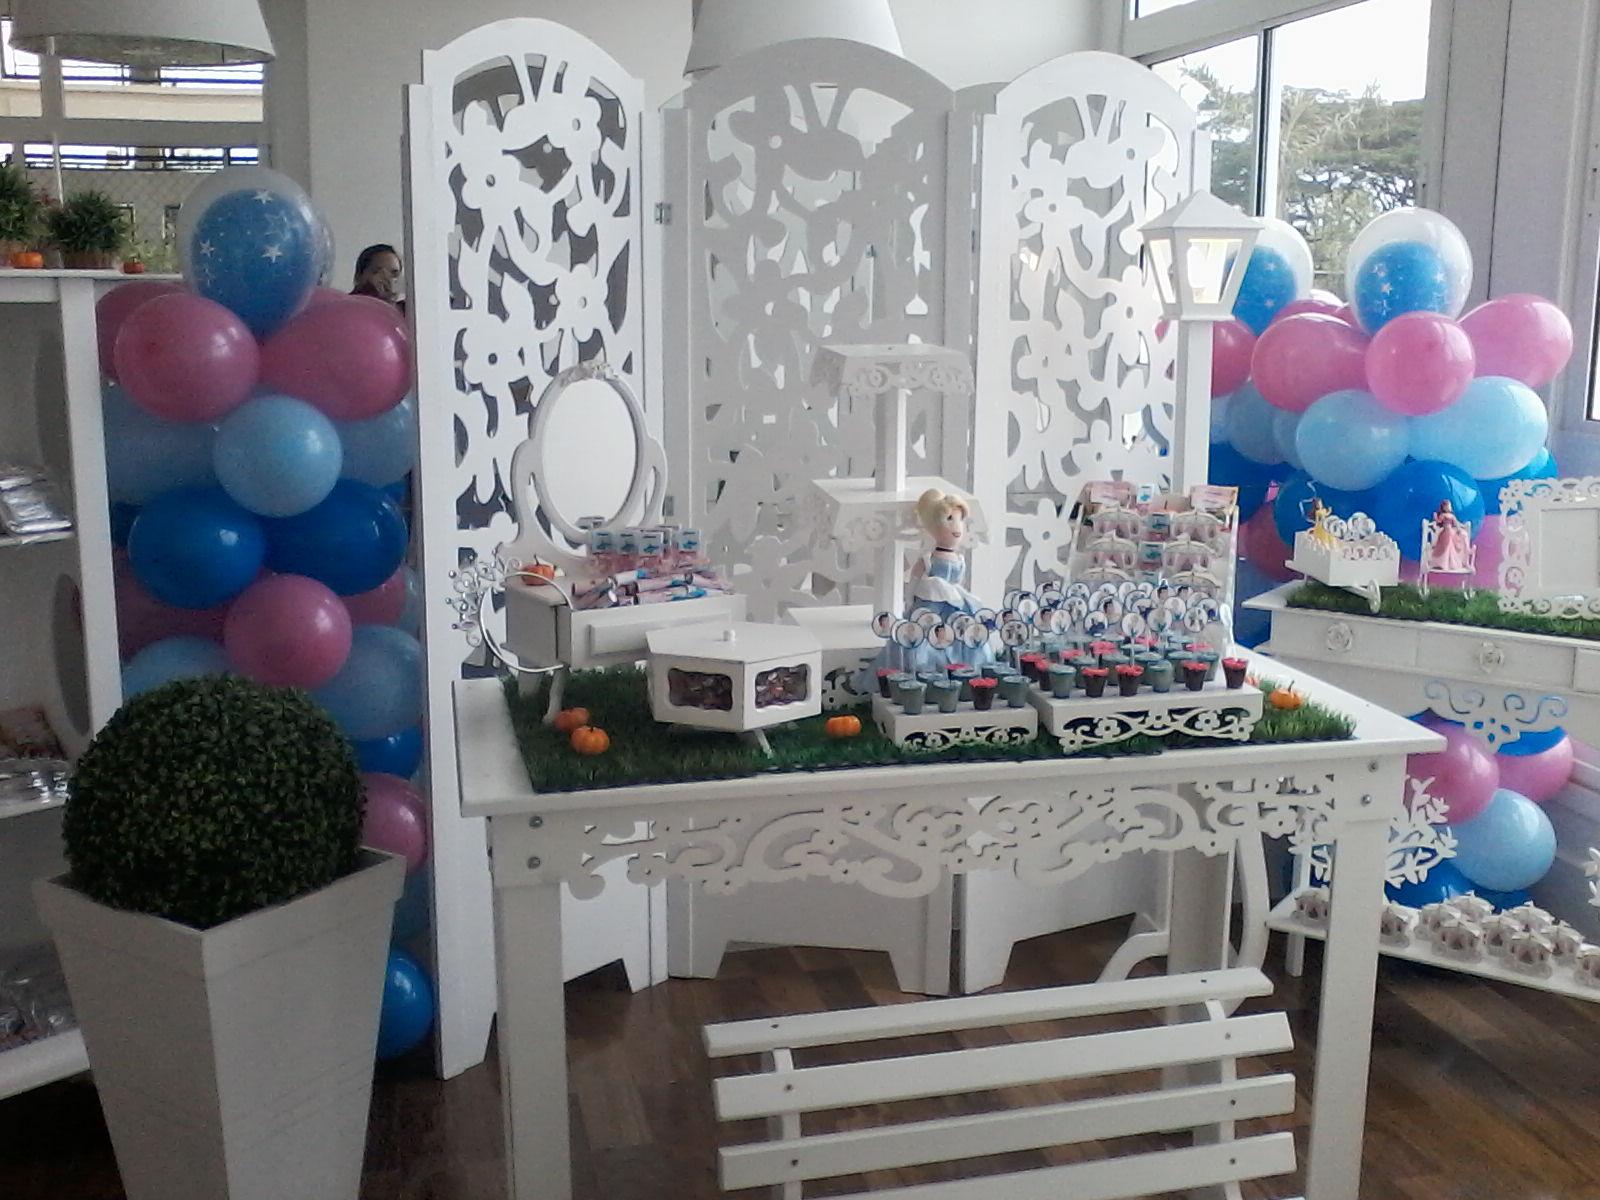 festa jardim da clarilu : festa jardim da clarilu:abá Festas: Decoração provençal Cinderela